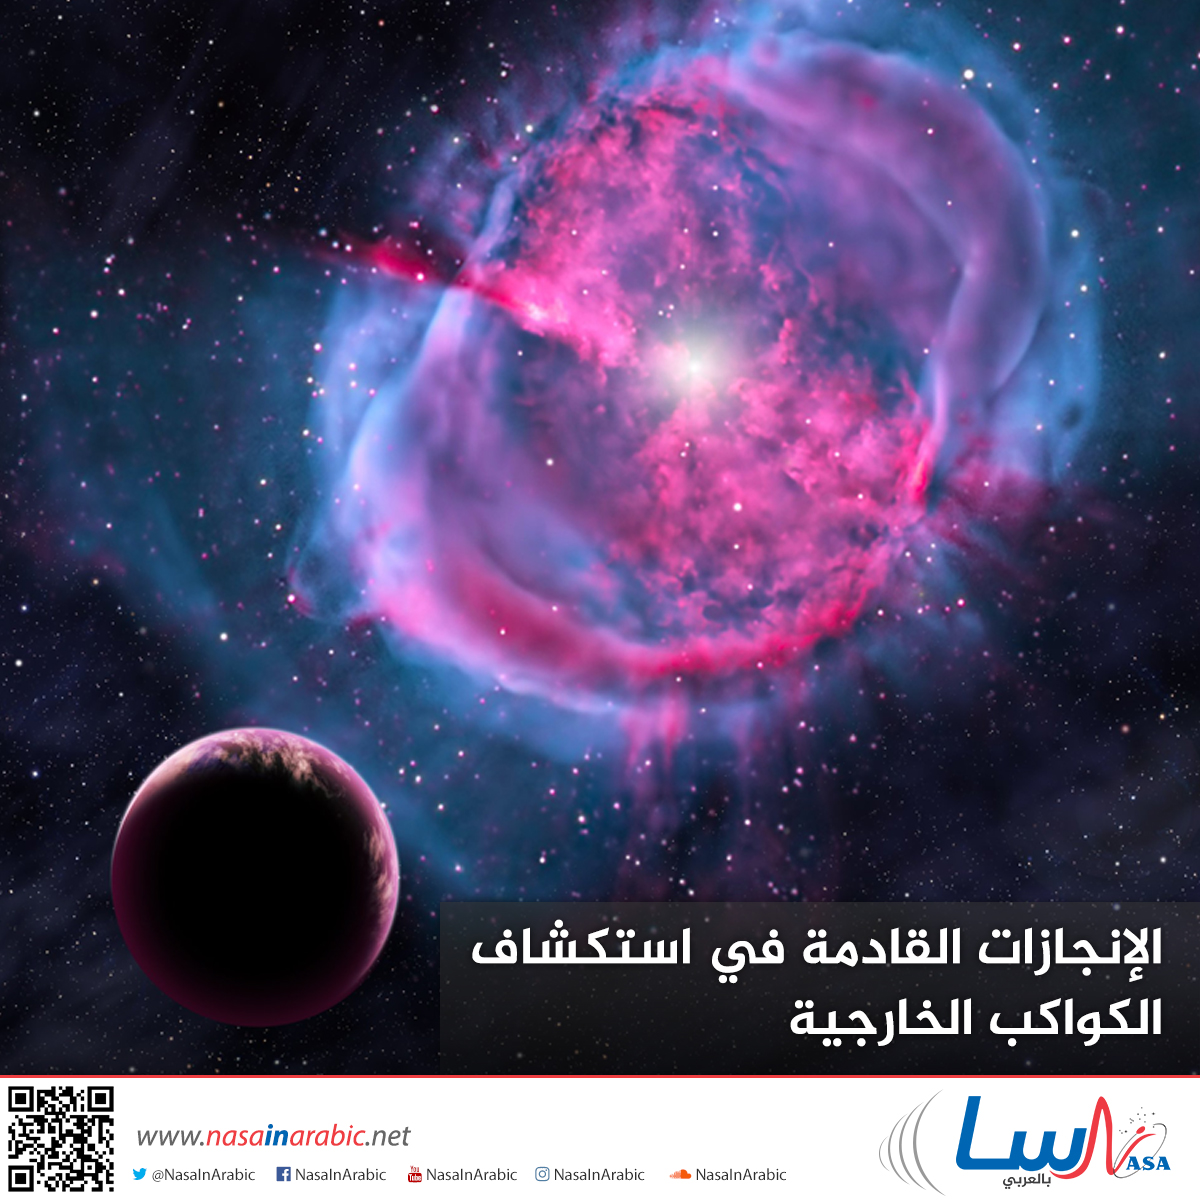 الإنجازات القادمة في استكشاف الكواكب الخارجية